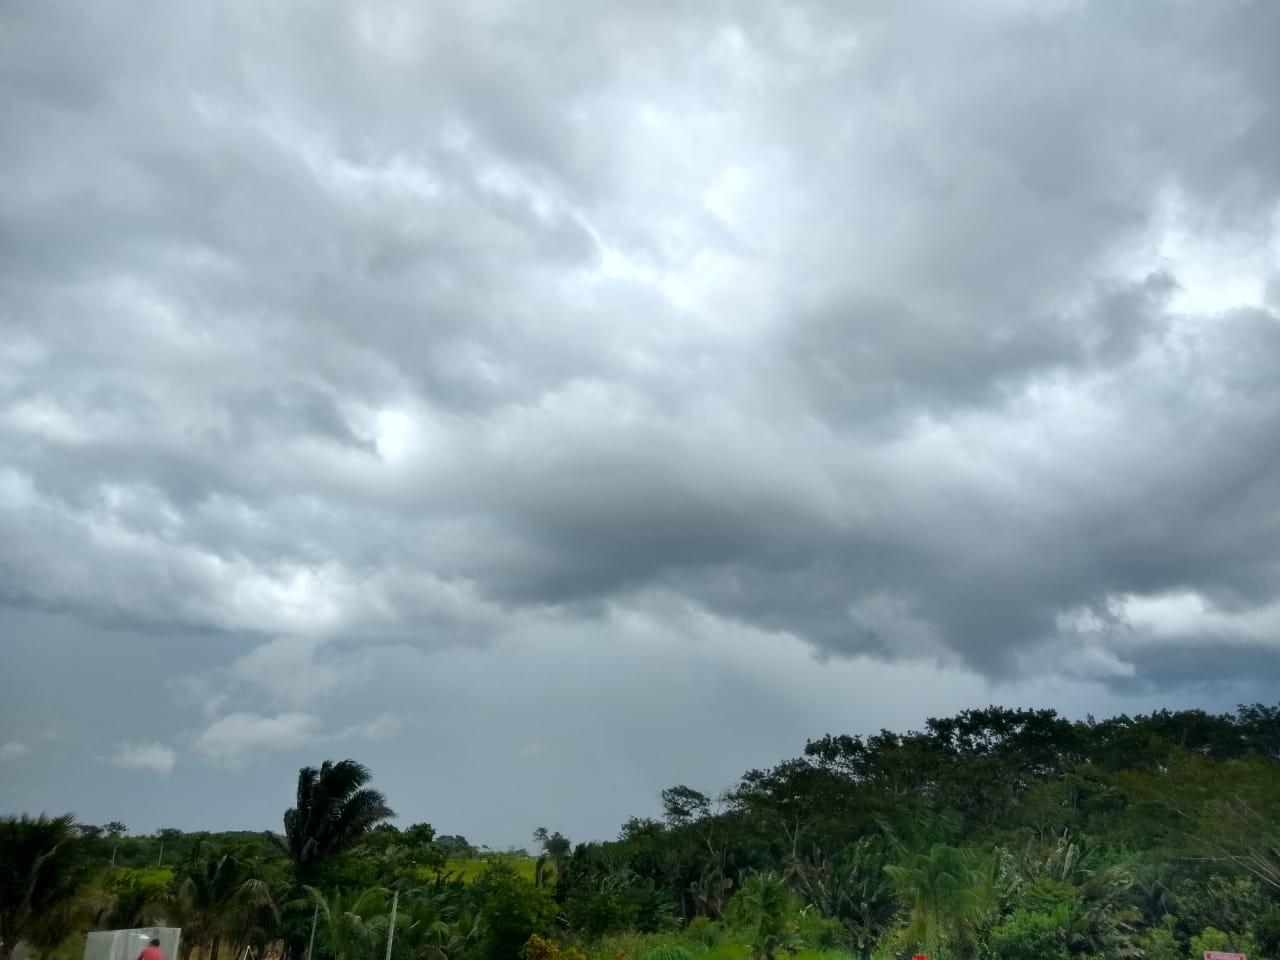 O tempo segue instável no Acre nesta quinta-feira (17), prevê Sipam - Notícias - Plantão Diário